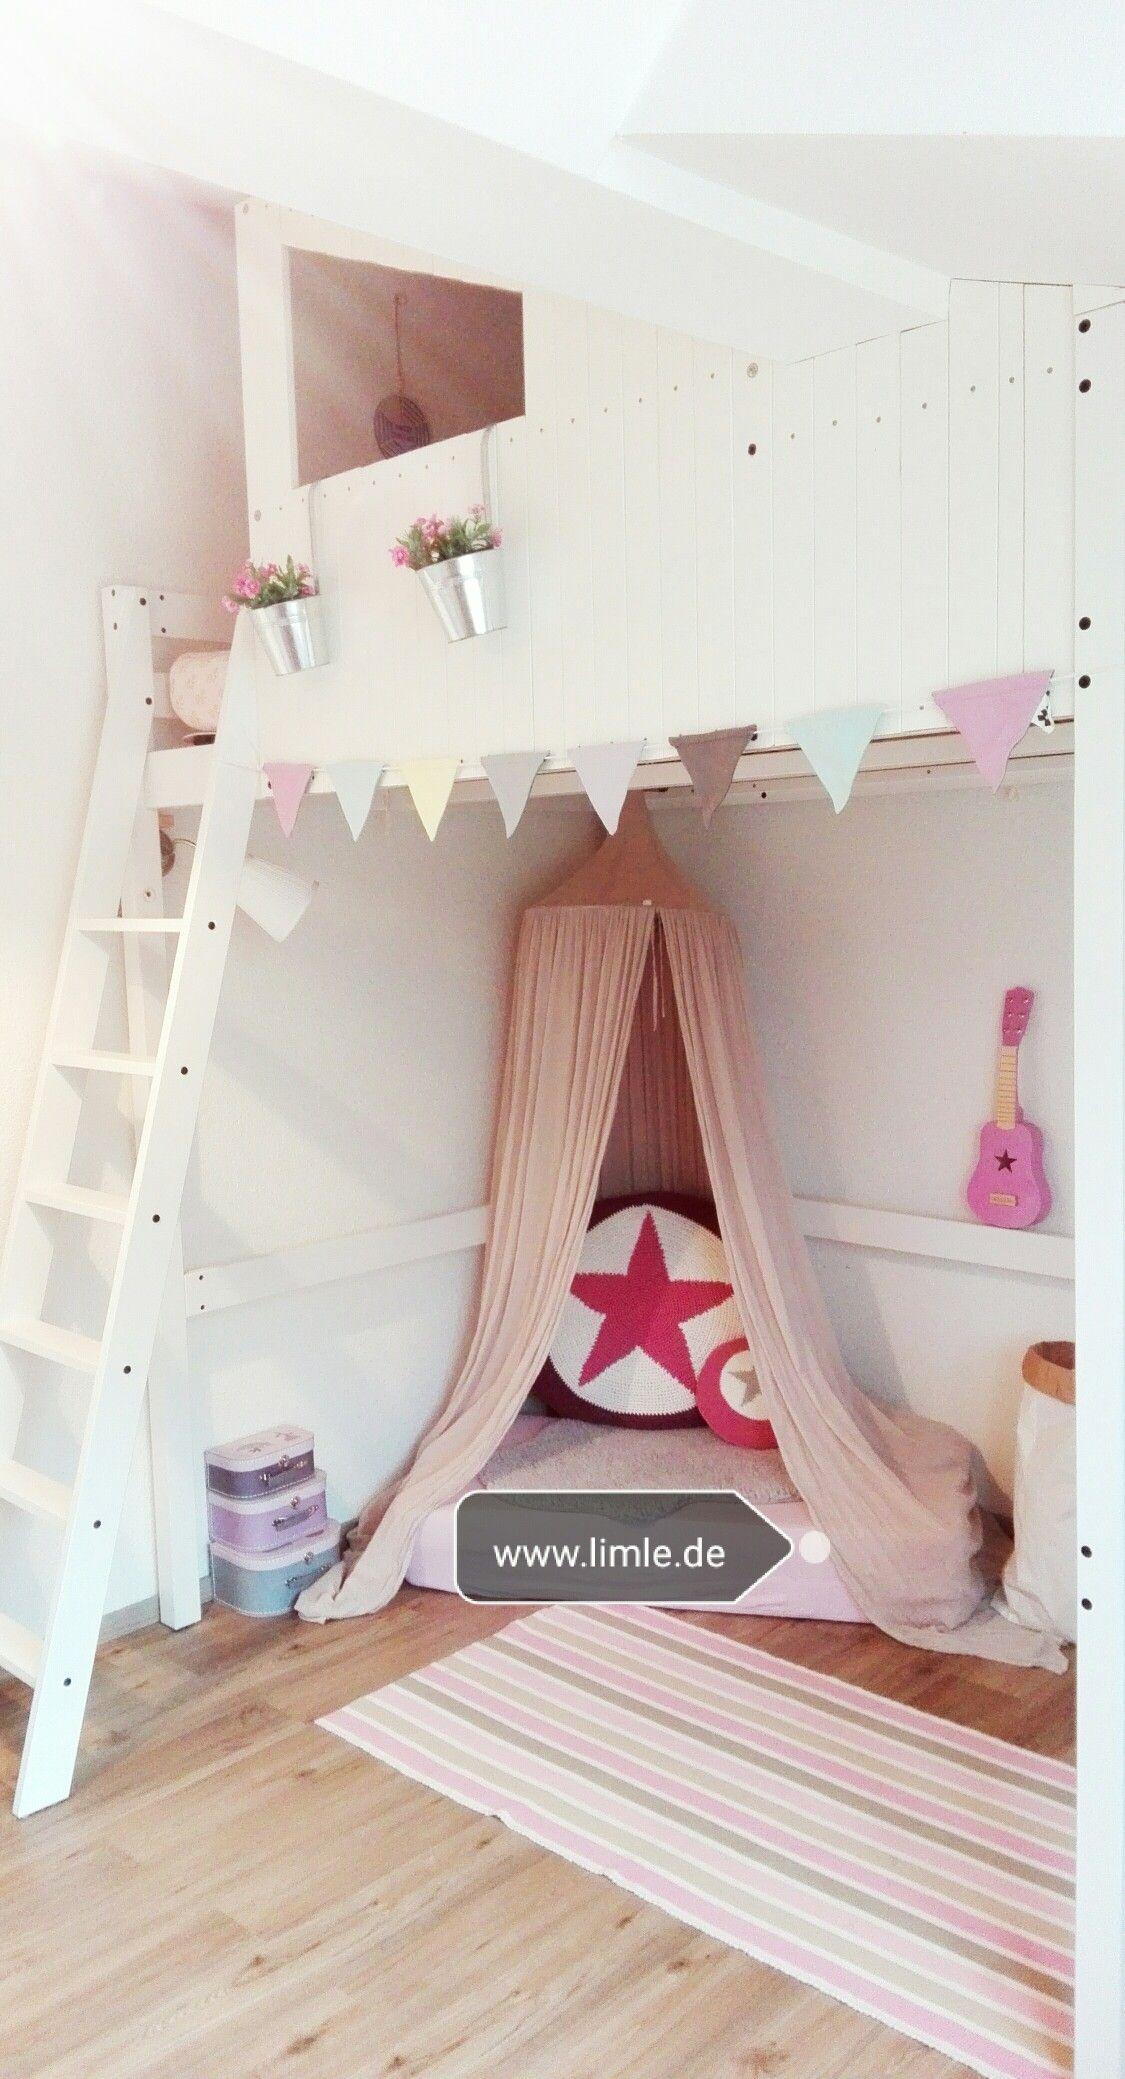 Ikeahack Diy Kinderzimmer Deko Kinder Mädchen Hochbett